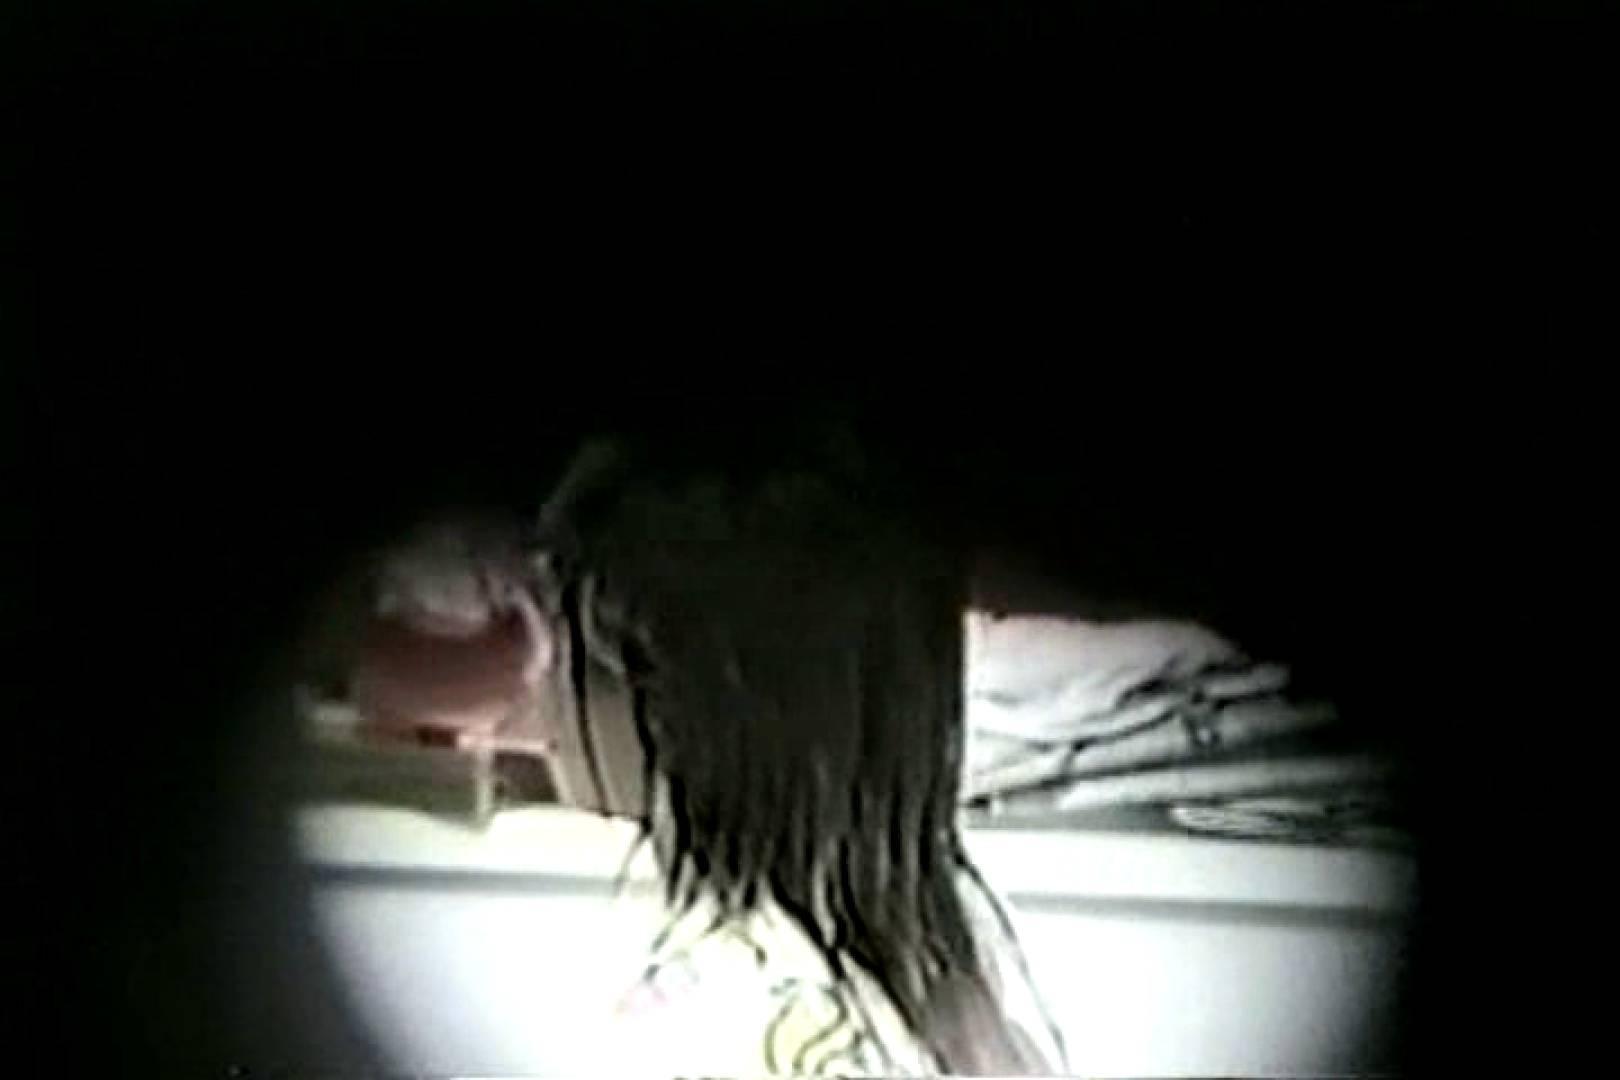 深夜の撮影会Vol.6 エロティックなOL ワレメ動画紹介 91画像 57